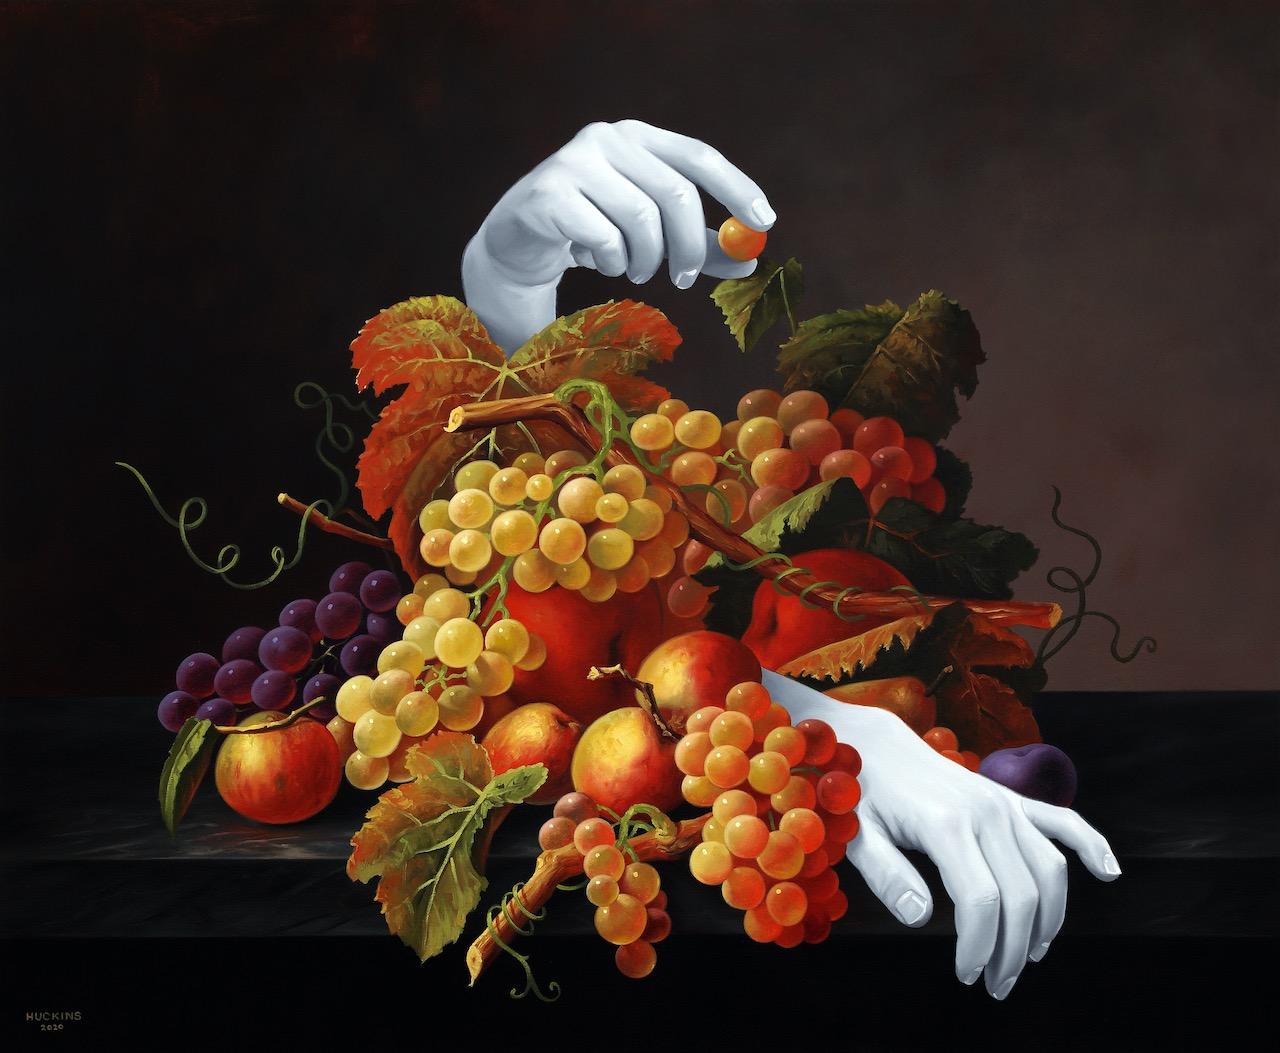 01_(Still Life of Fruit)